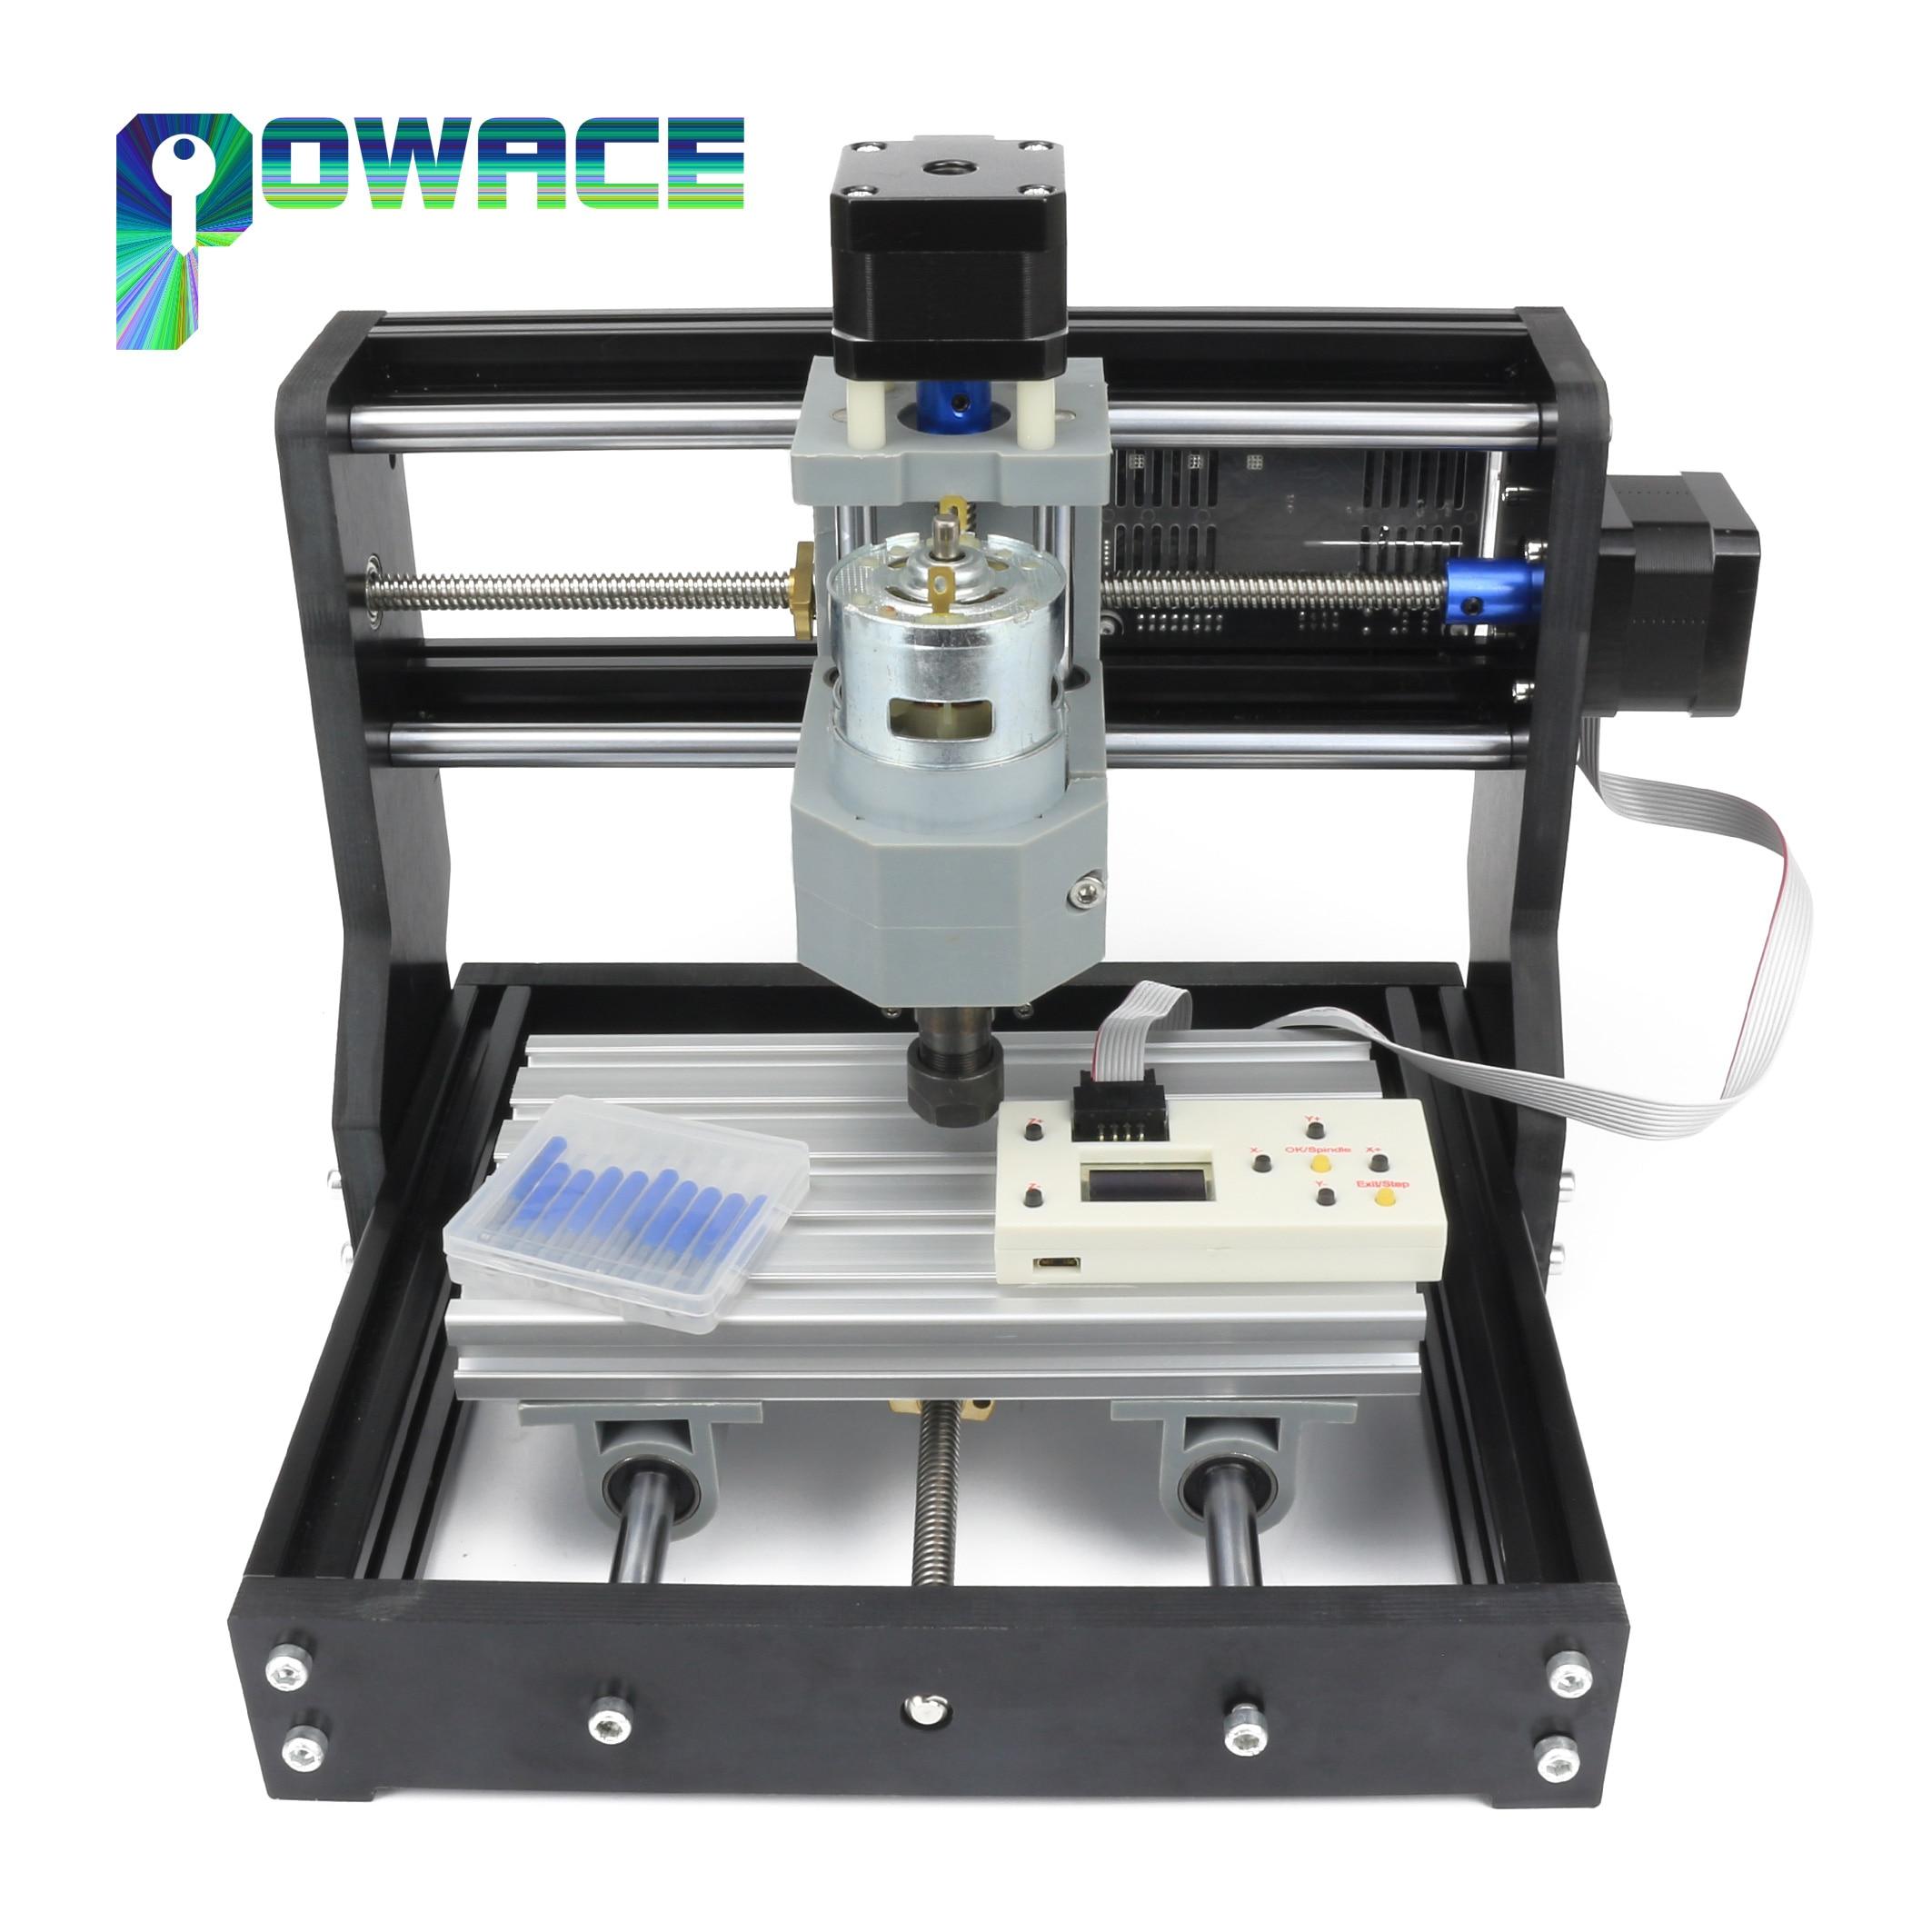 Контроллер GRBL DIY 1610 Pro, мини-станок с ЧПУ, рабочая зона, 3-осевой фрезерный станок для печатных плат, ПВХ, фрезерный станок, фрезерный станок дл...